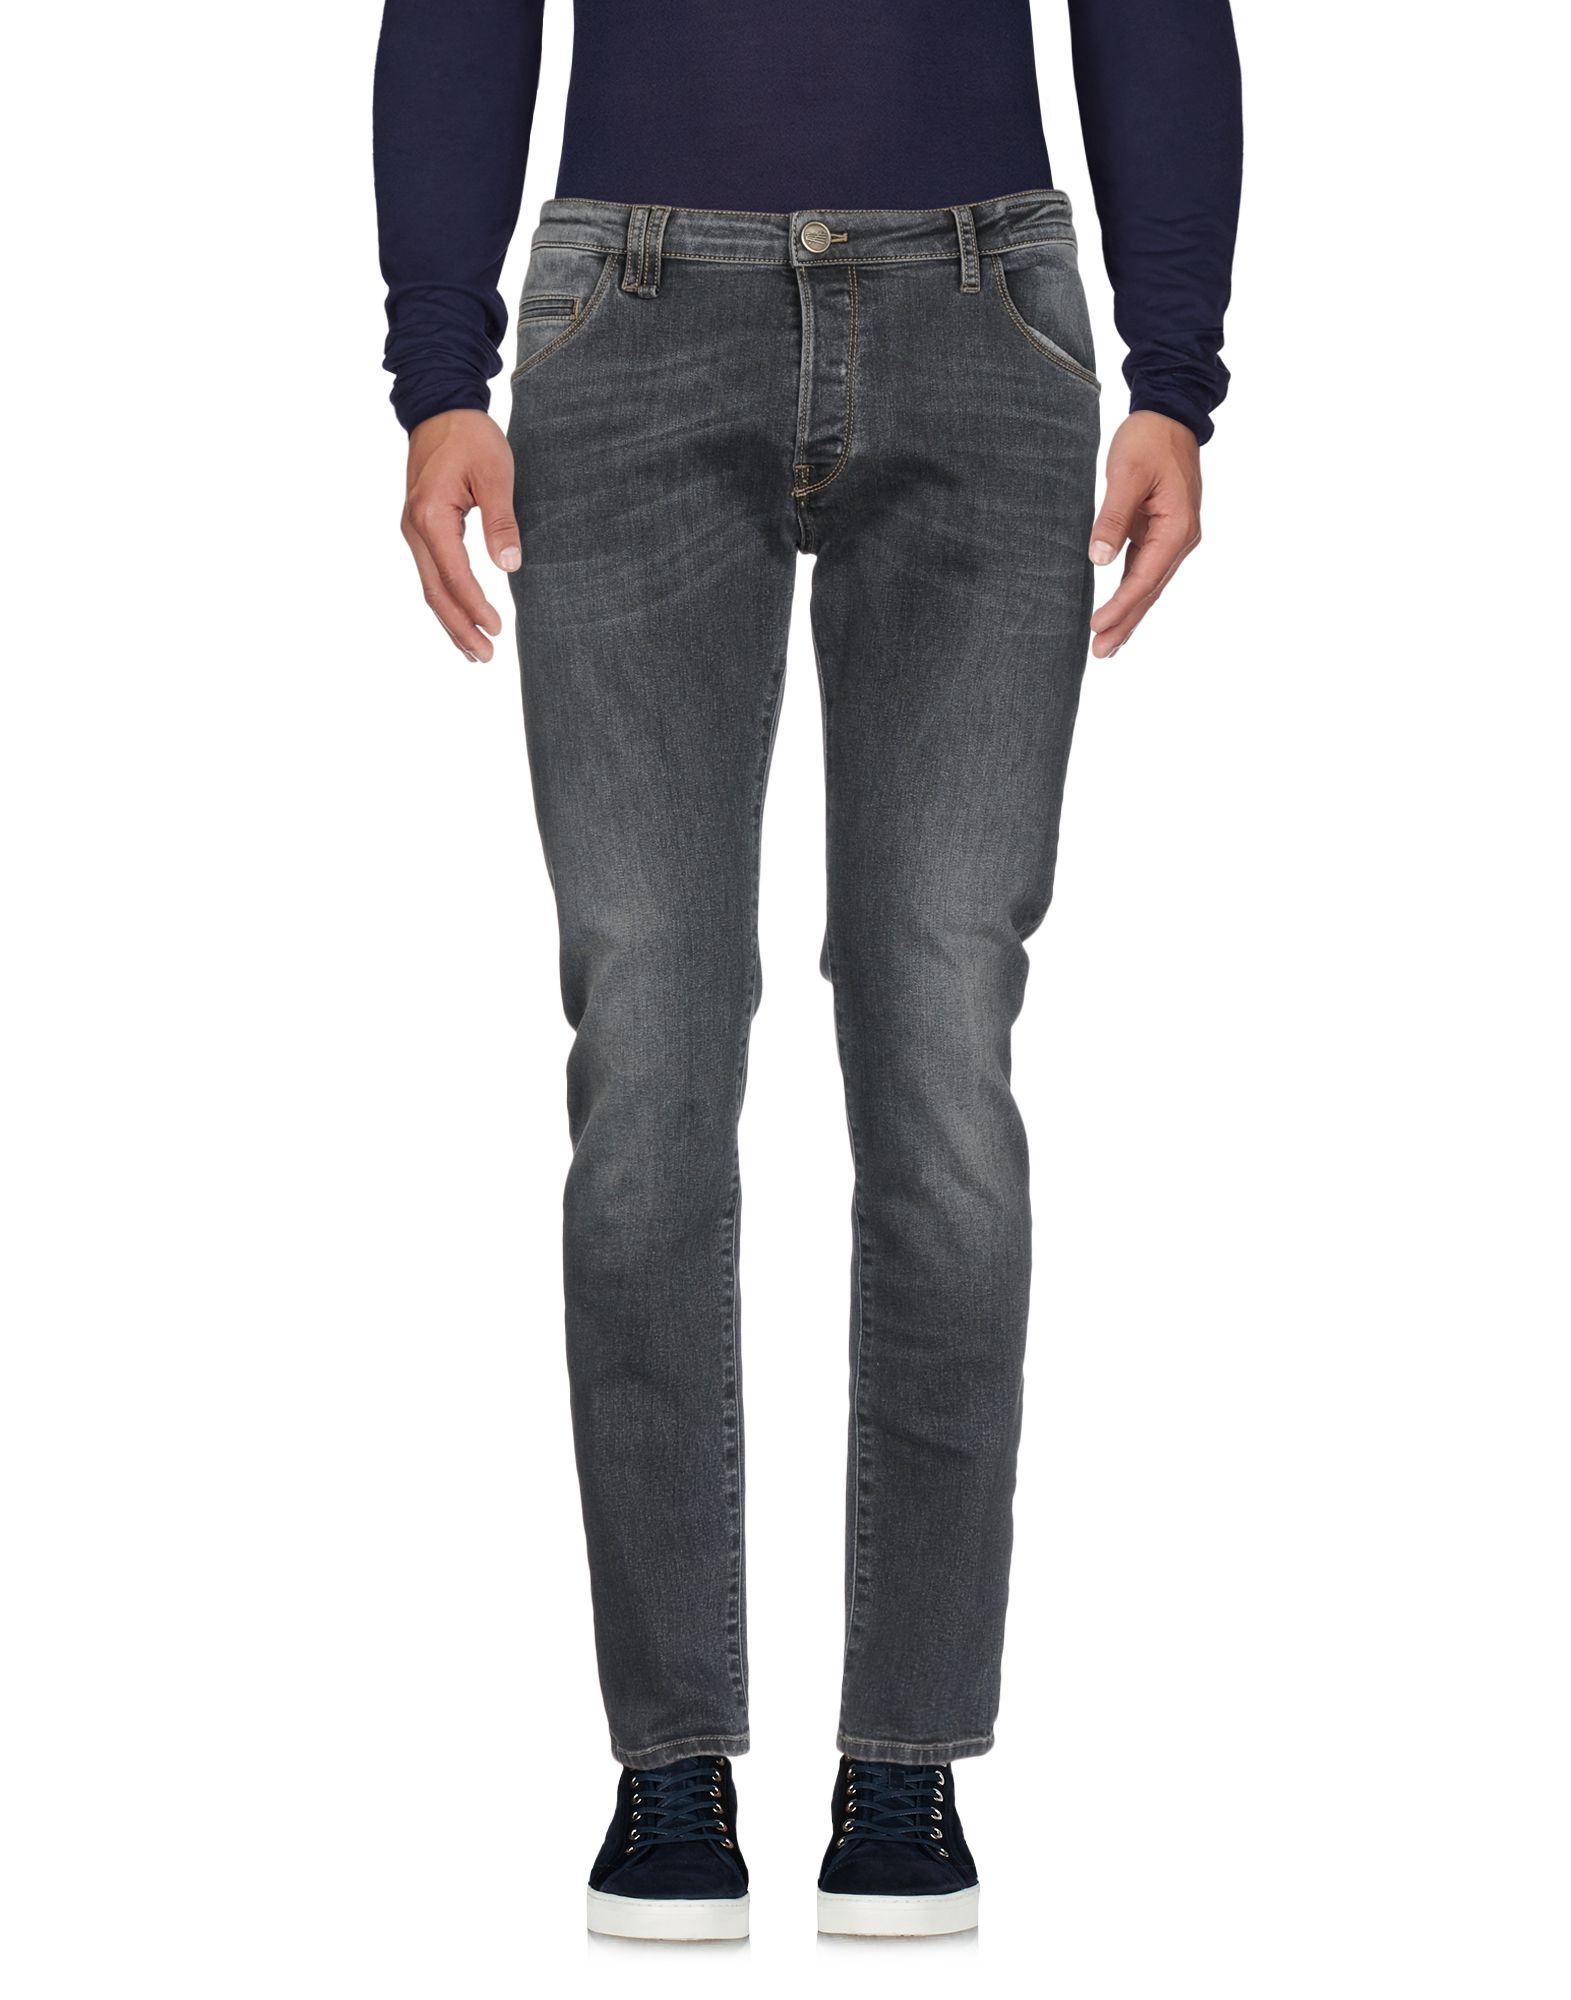 Pantaloni Jeans Pt05 Uomo 42672933BX - 42672933BX Uomo 809780